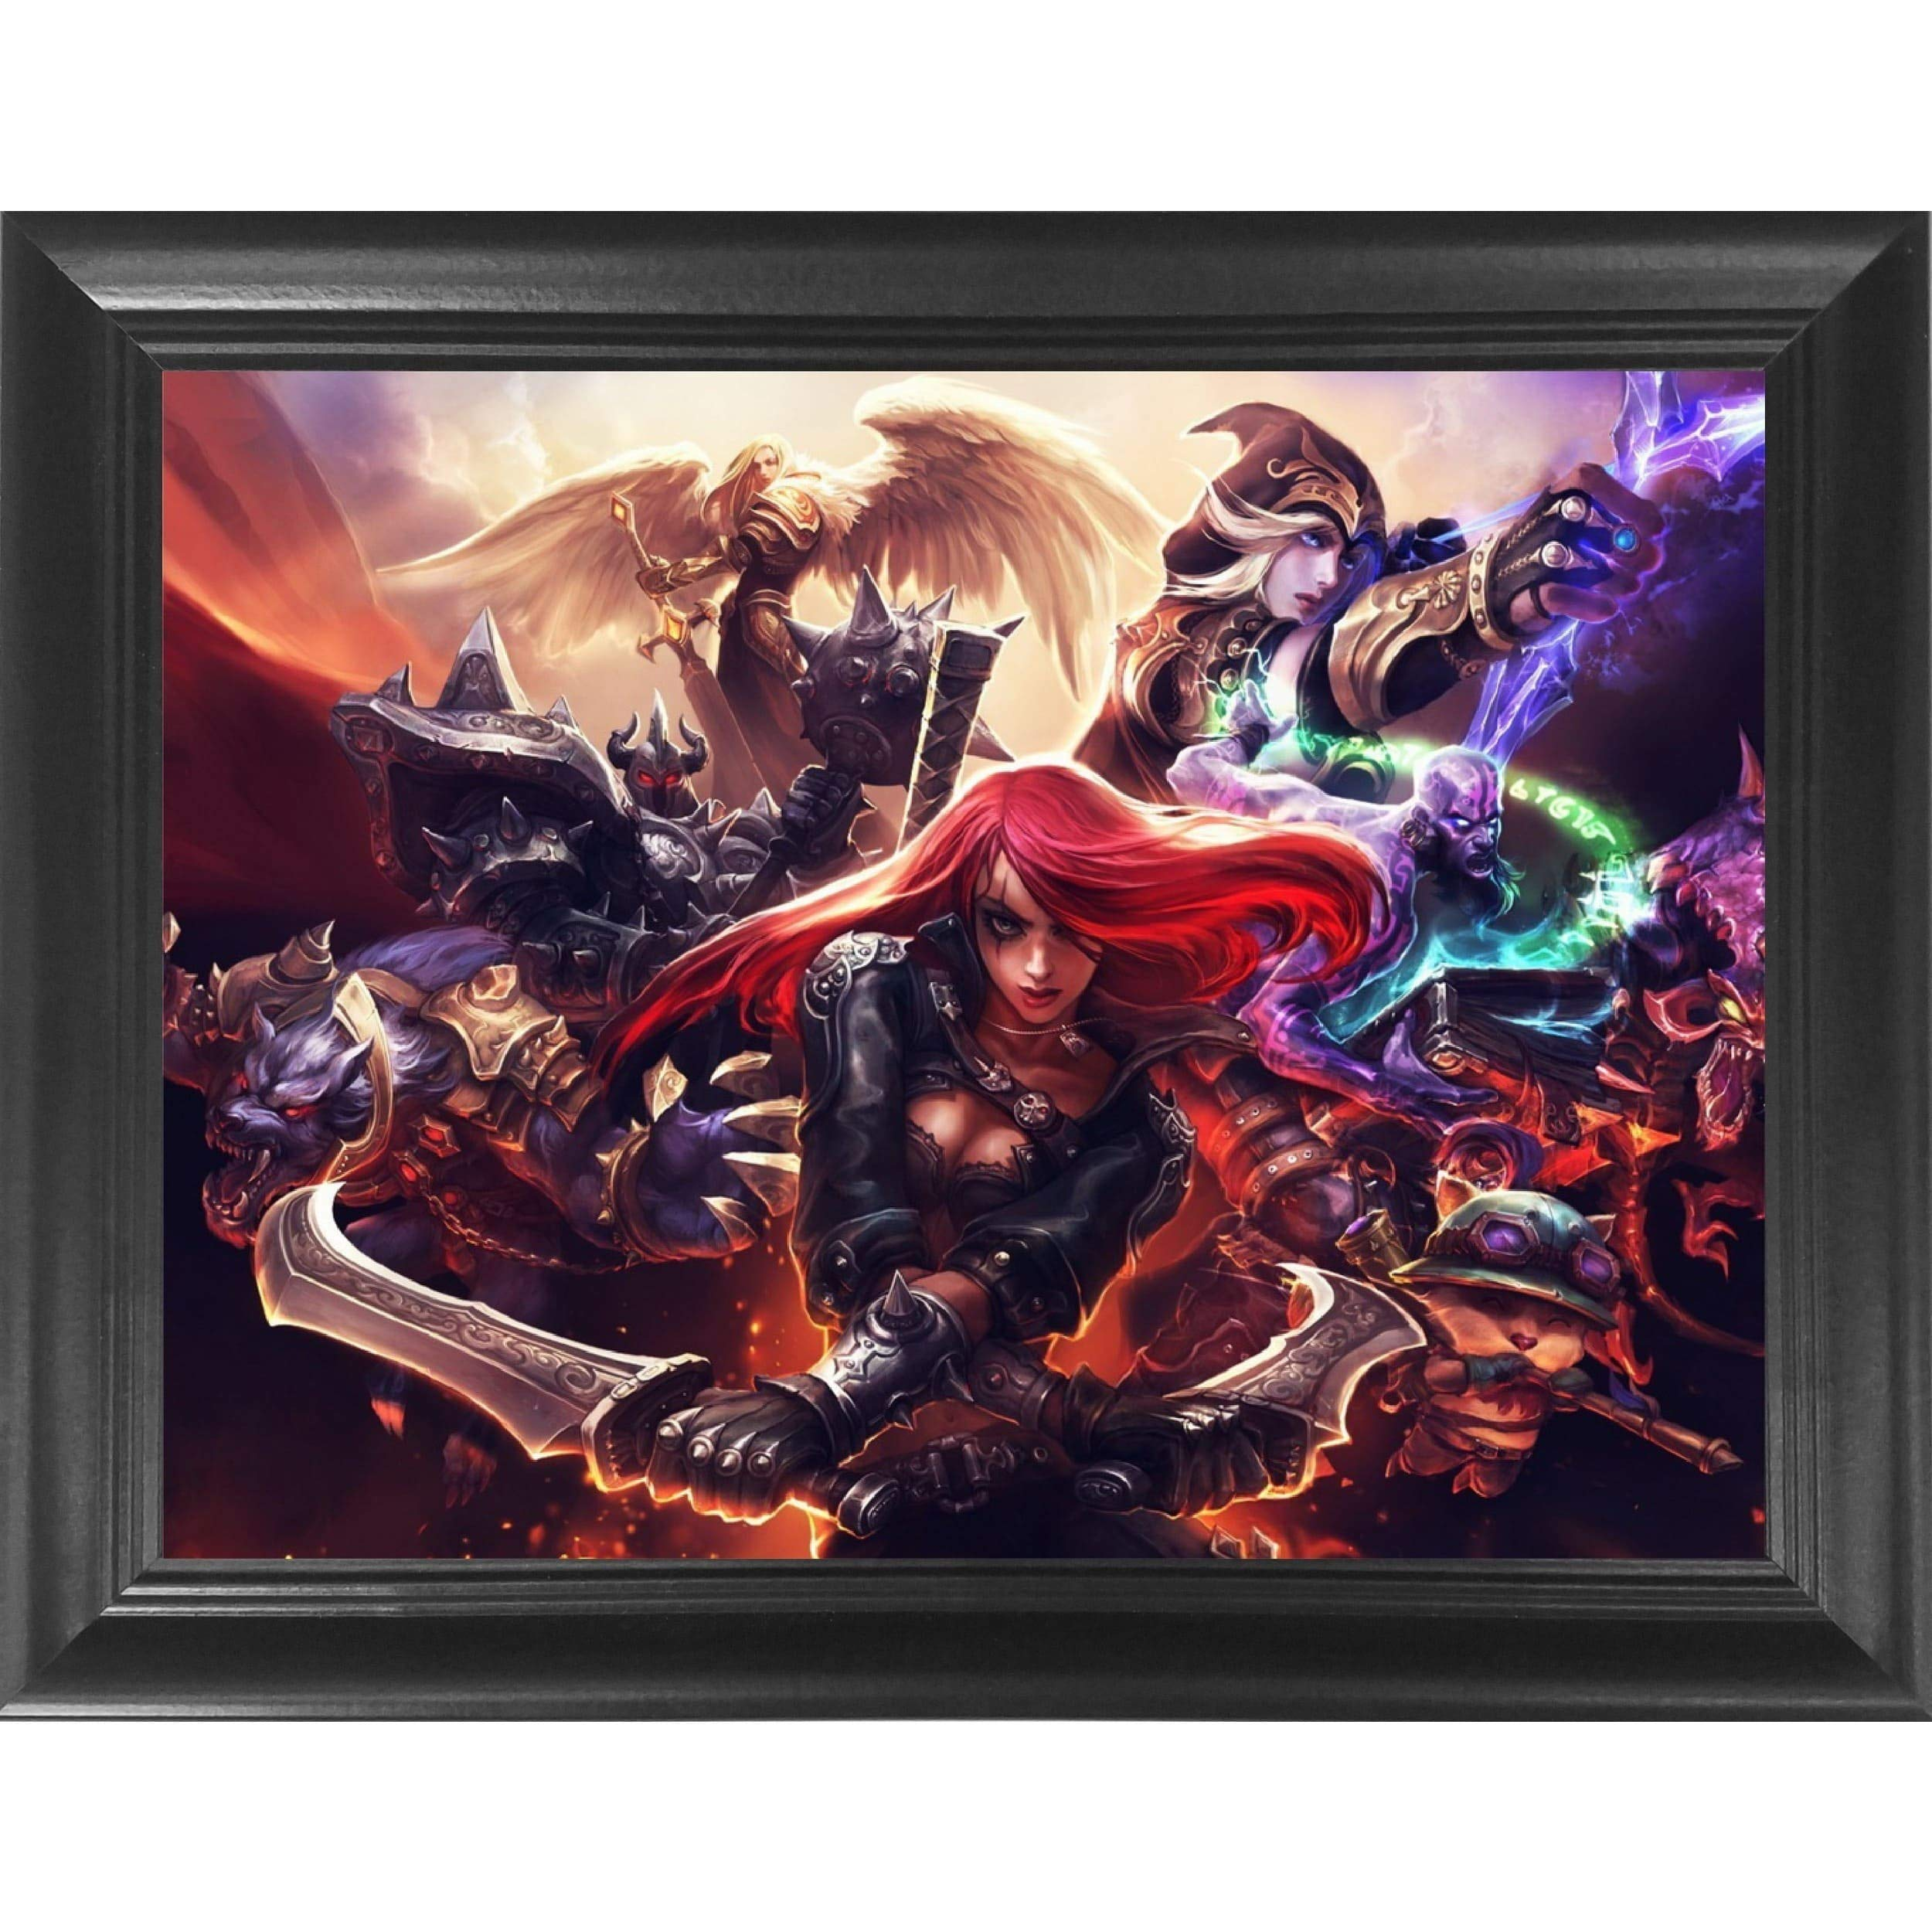 League of Legends 3D Poster Wall Art Decor Framed Print14.5x18.5Lenticu...